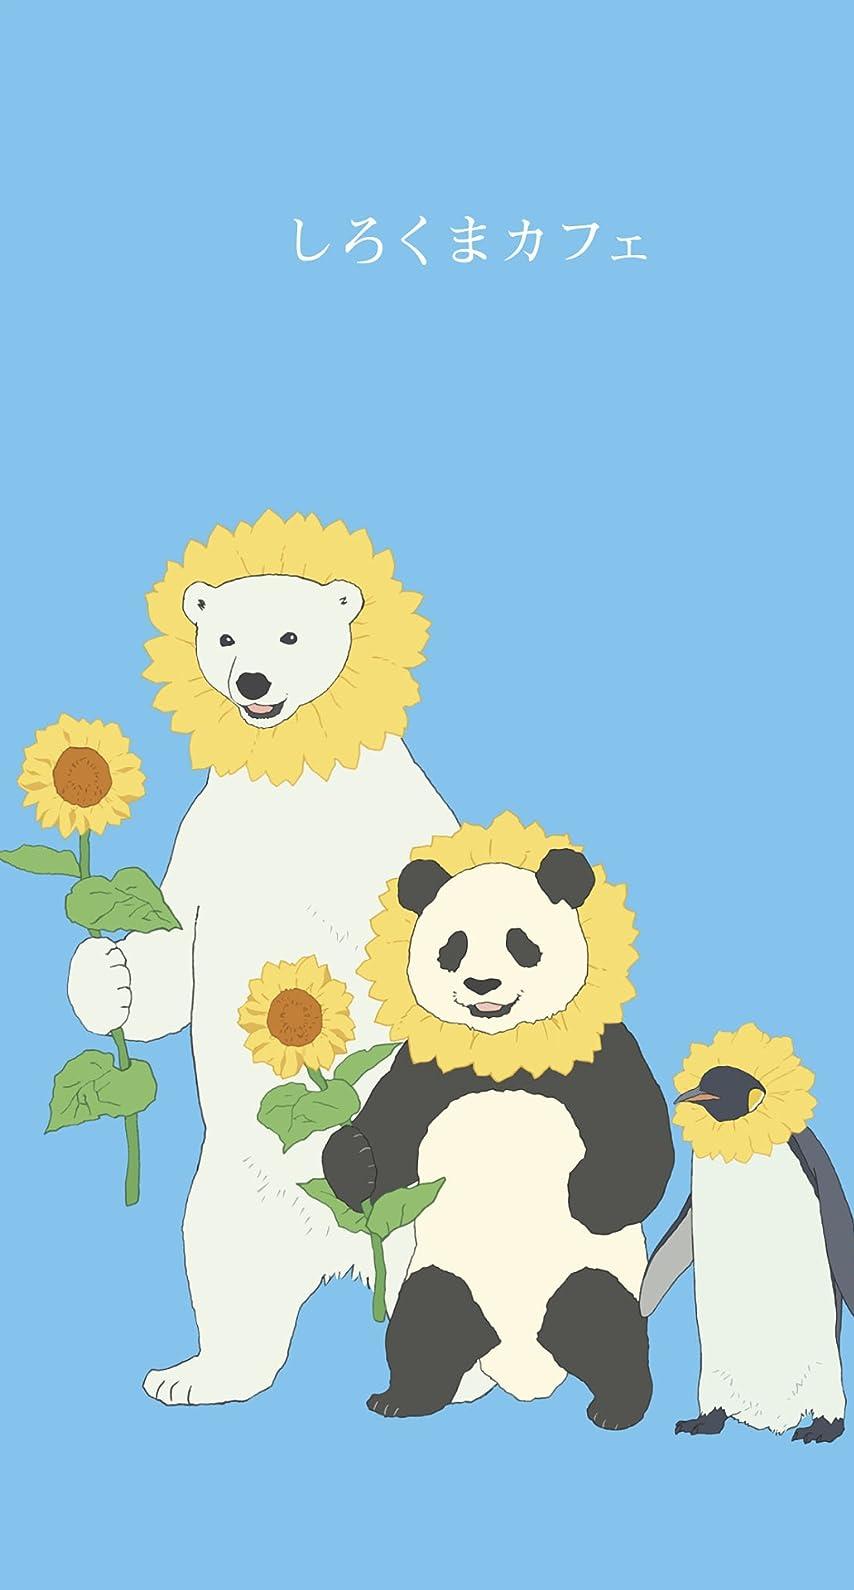 美しい花の画像 Hd限定待ち受け パンダ 壁紙 イラスト